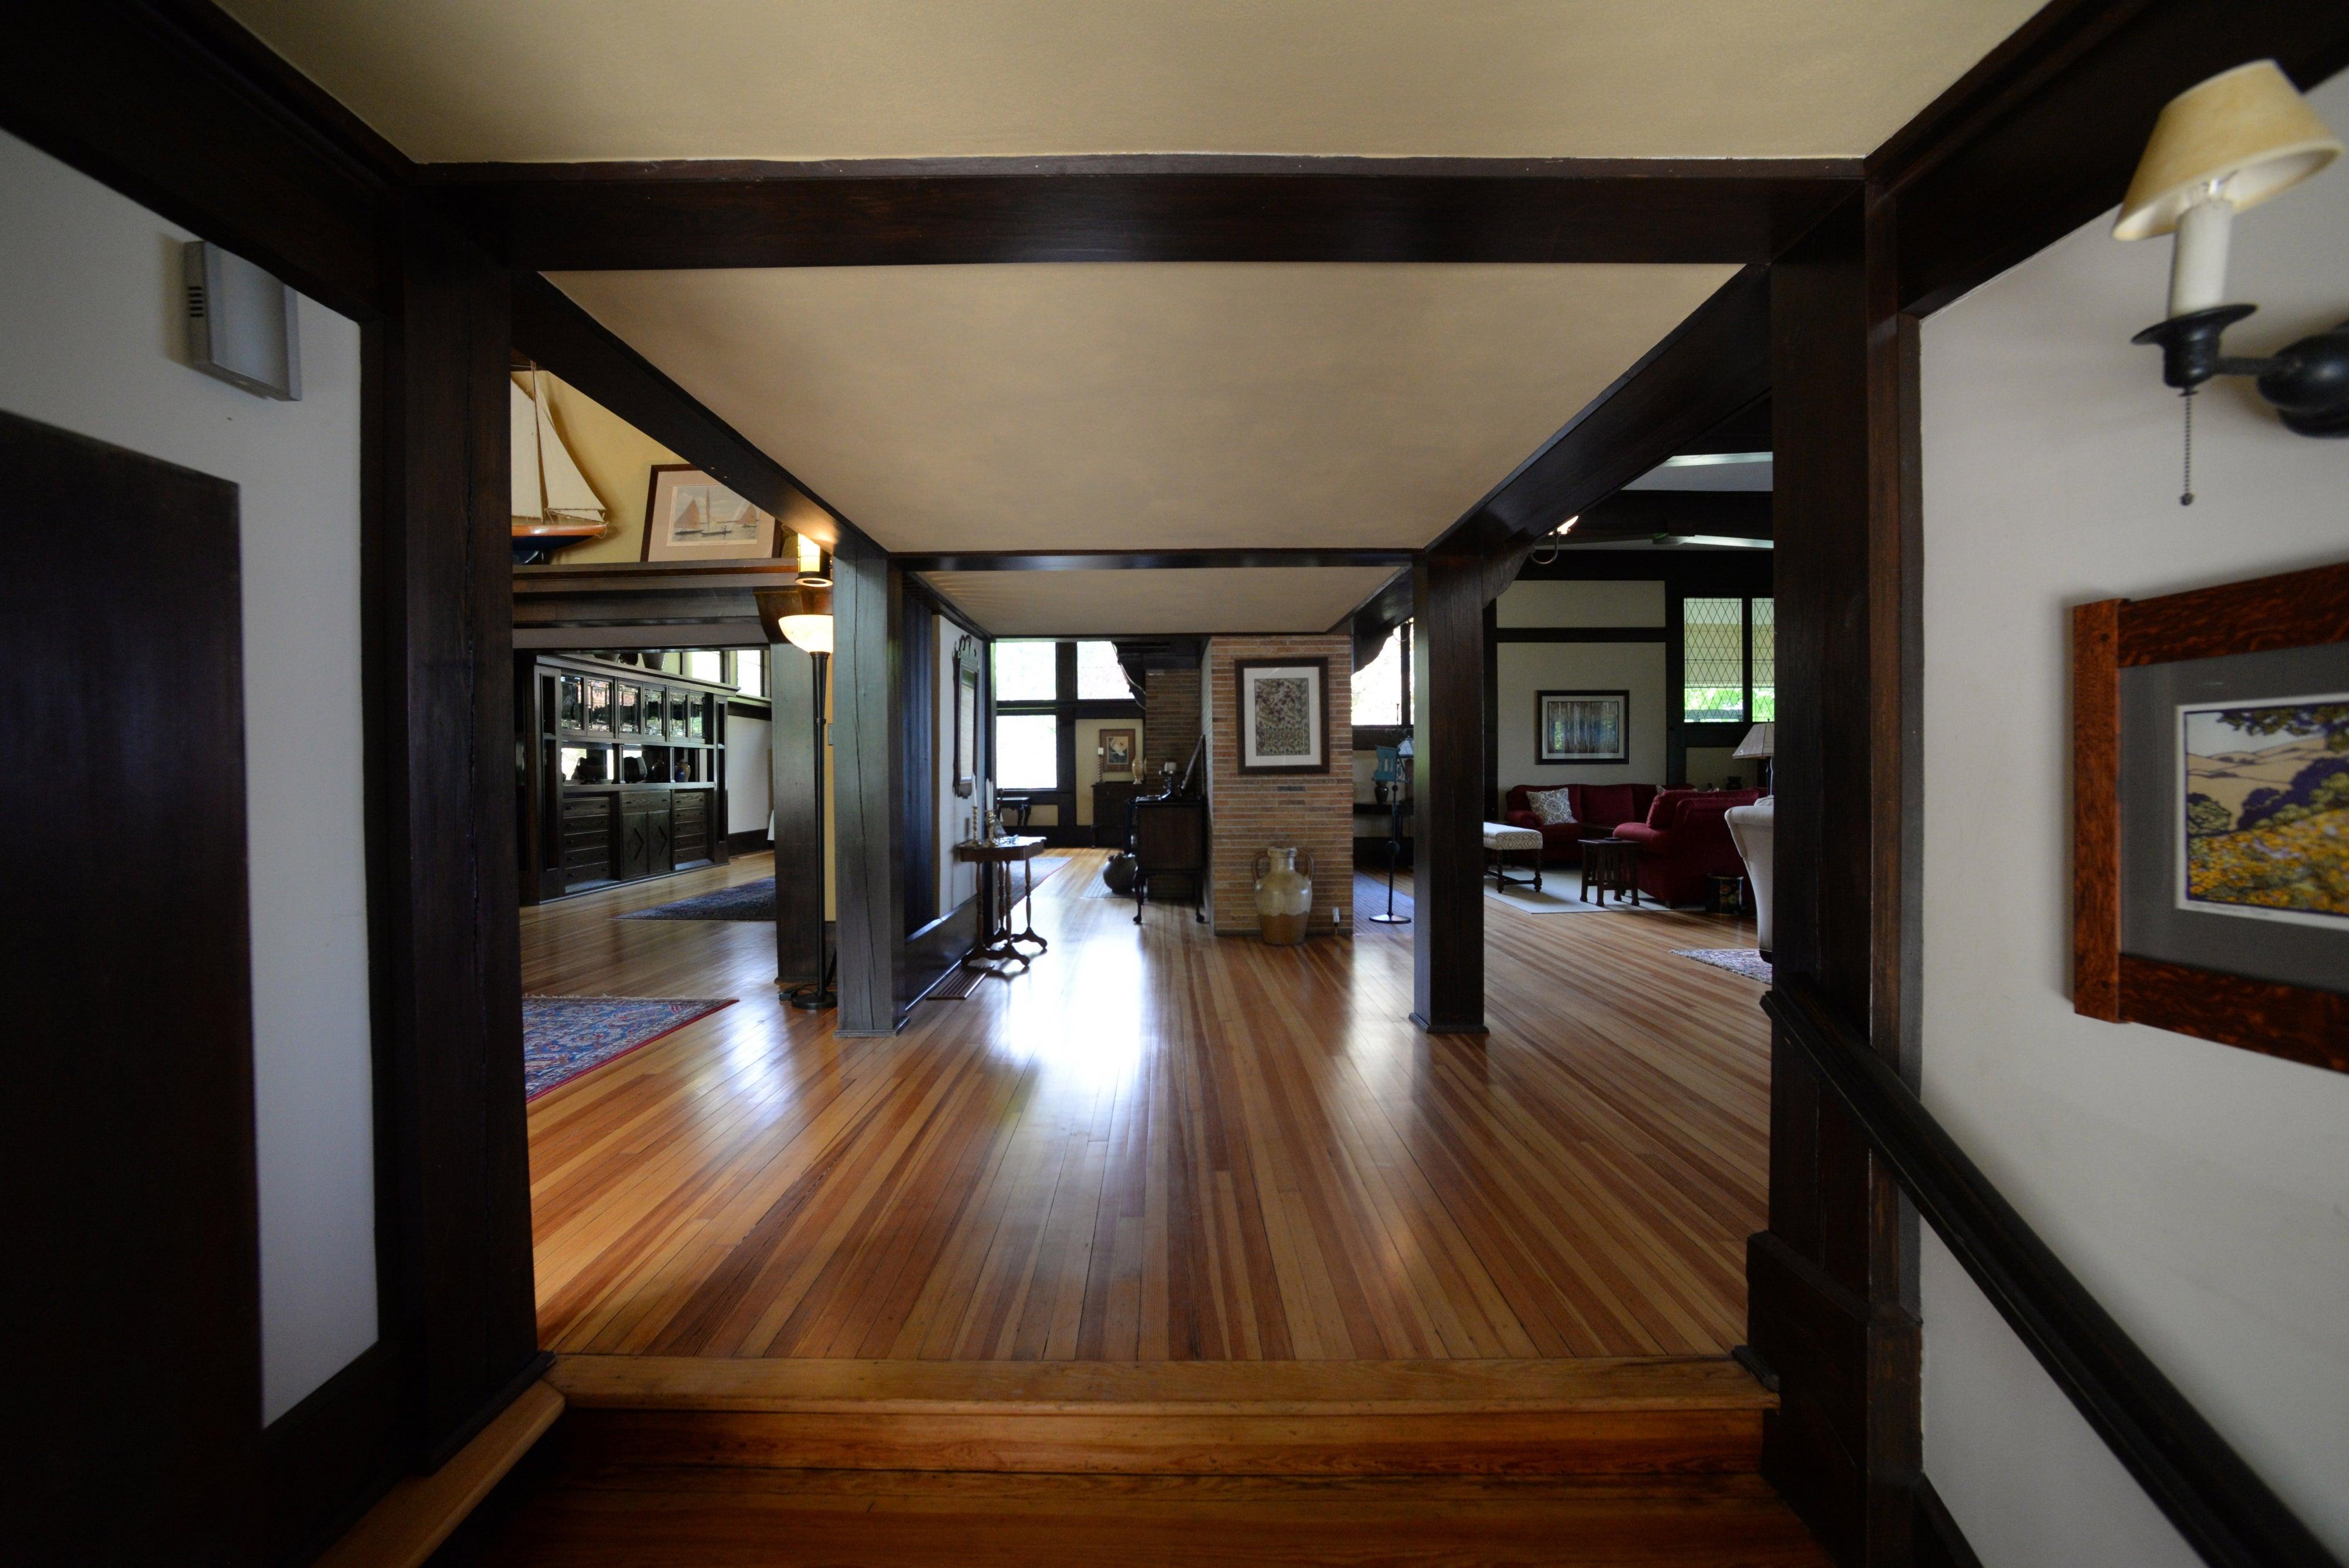 Frank Lloyd Wright's Penwern house